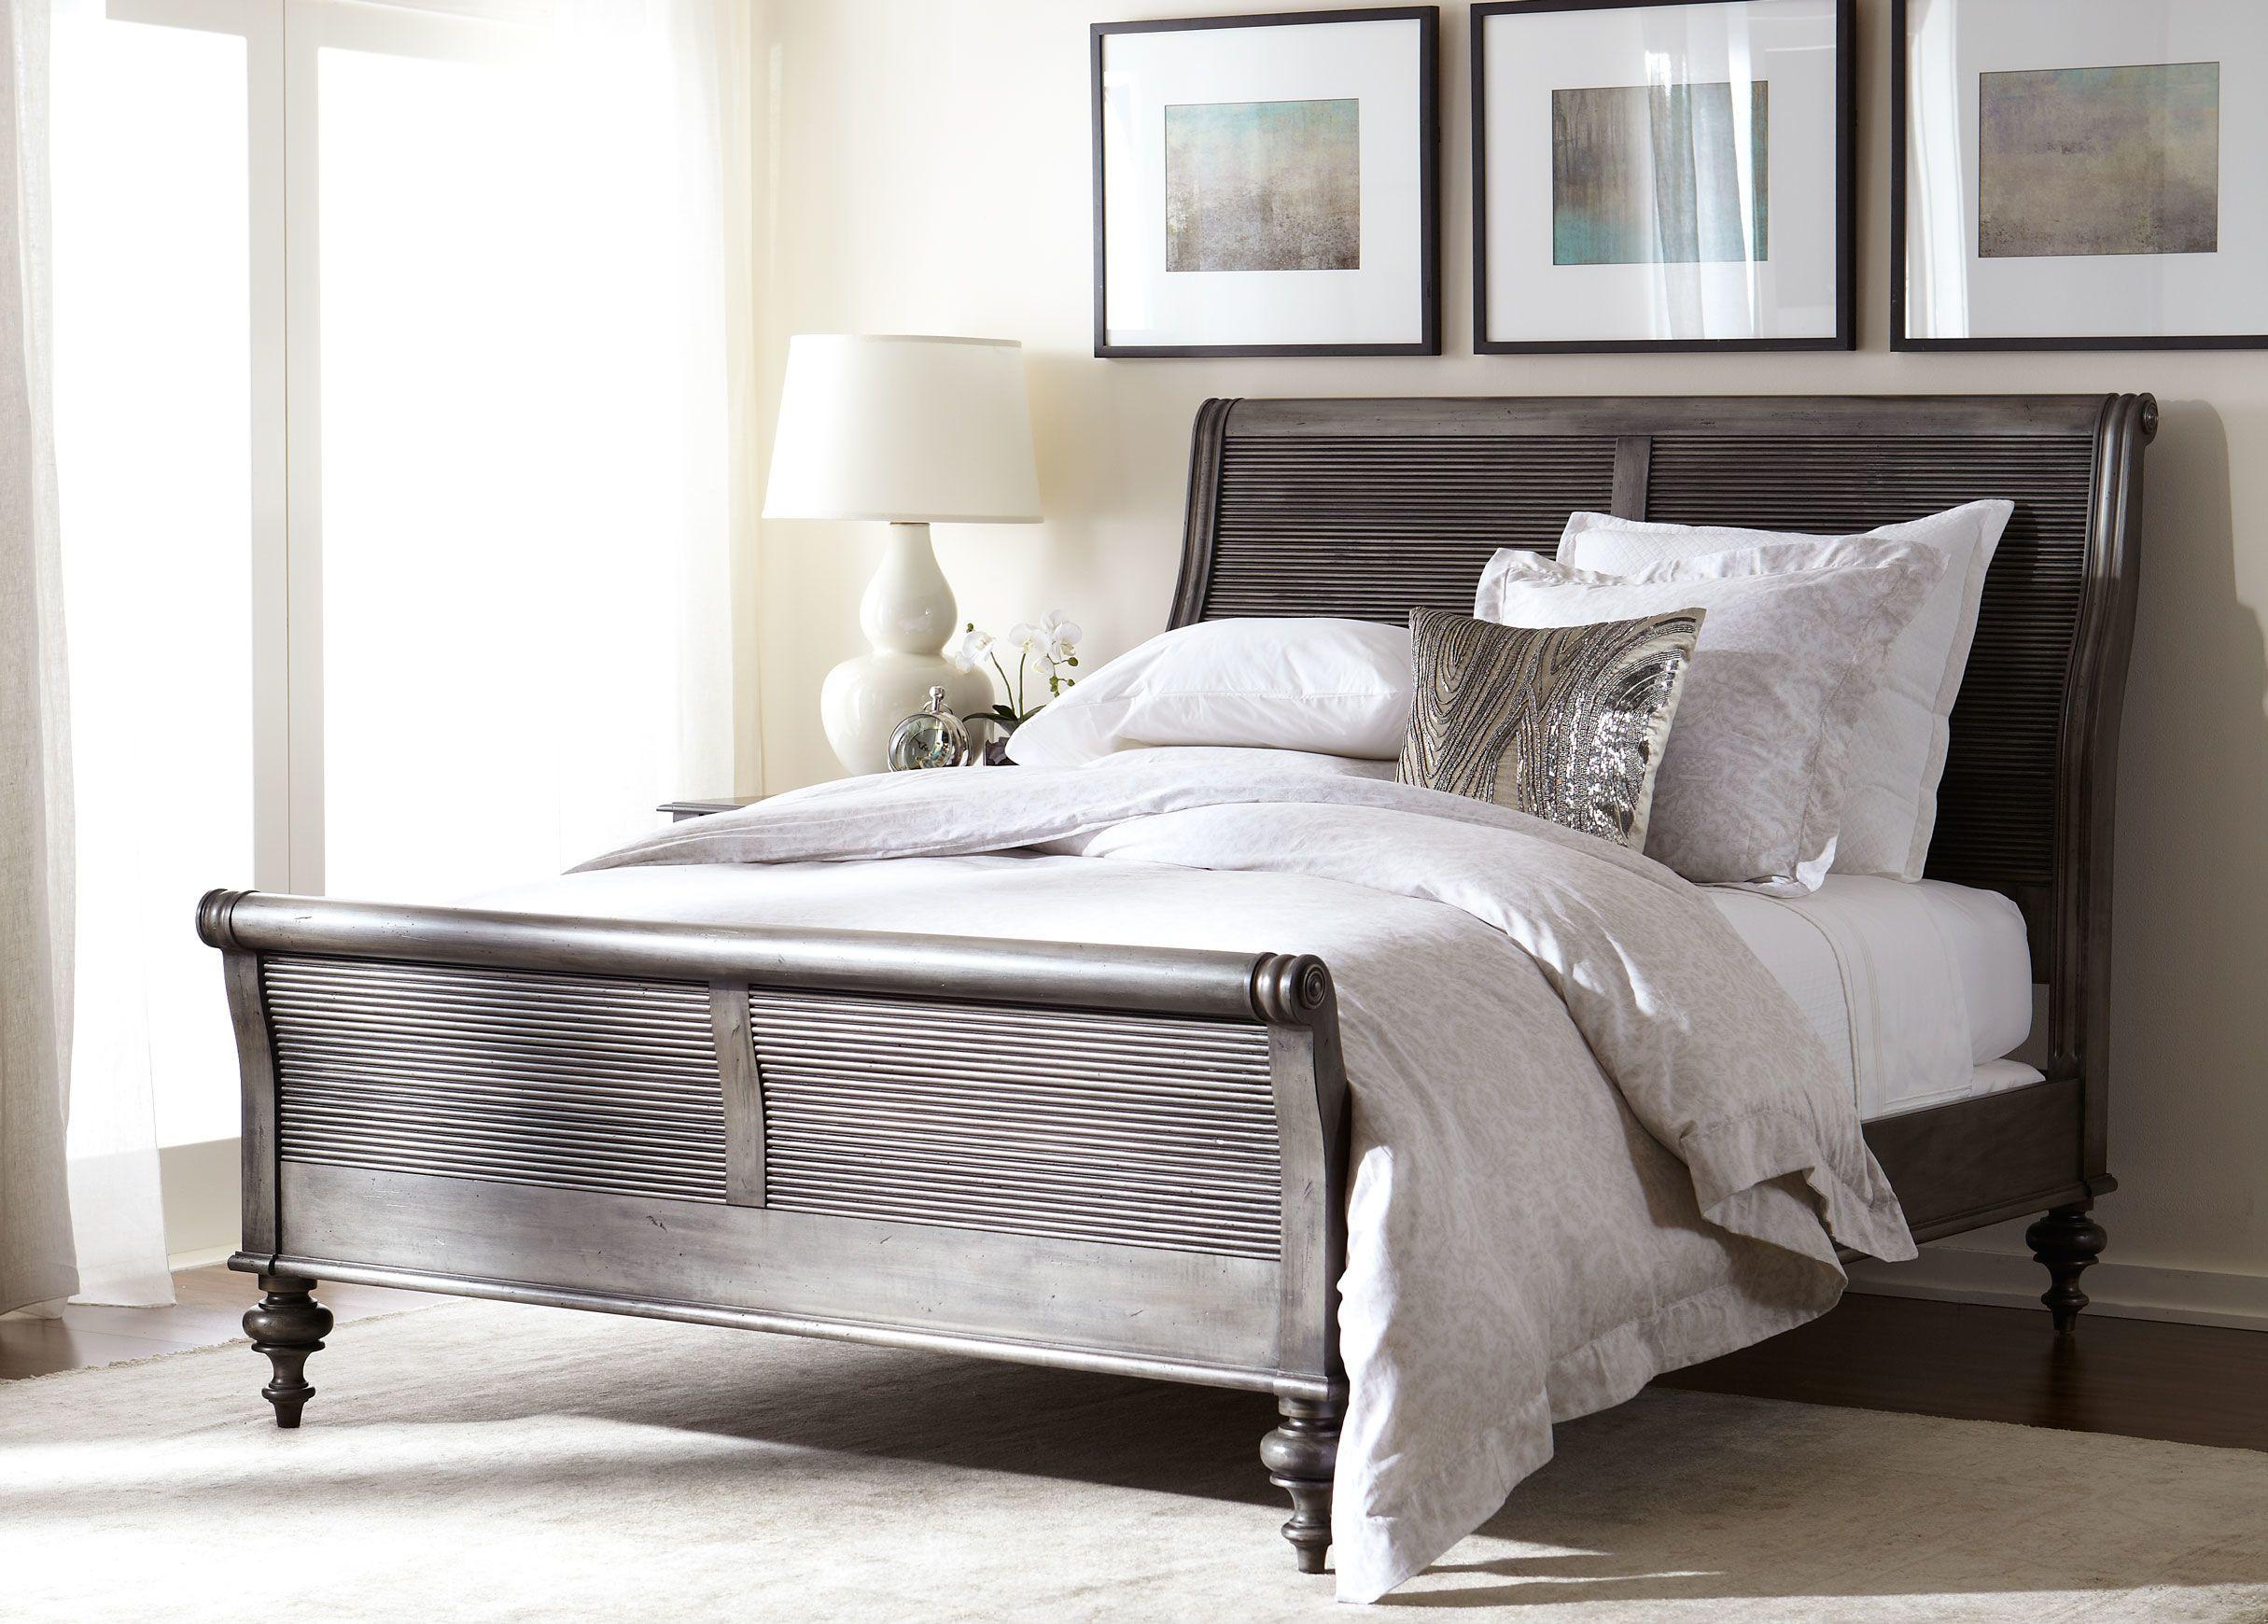 Kingston Bed Sleigh Beds Ethan Allen Bedroom Furniture Bedroom Sets